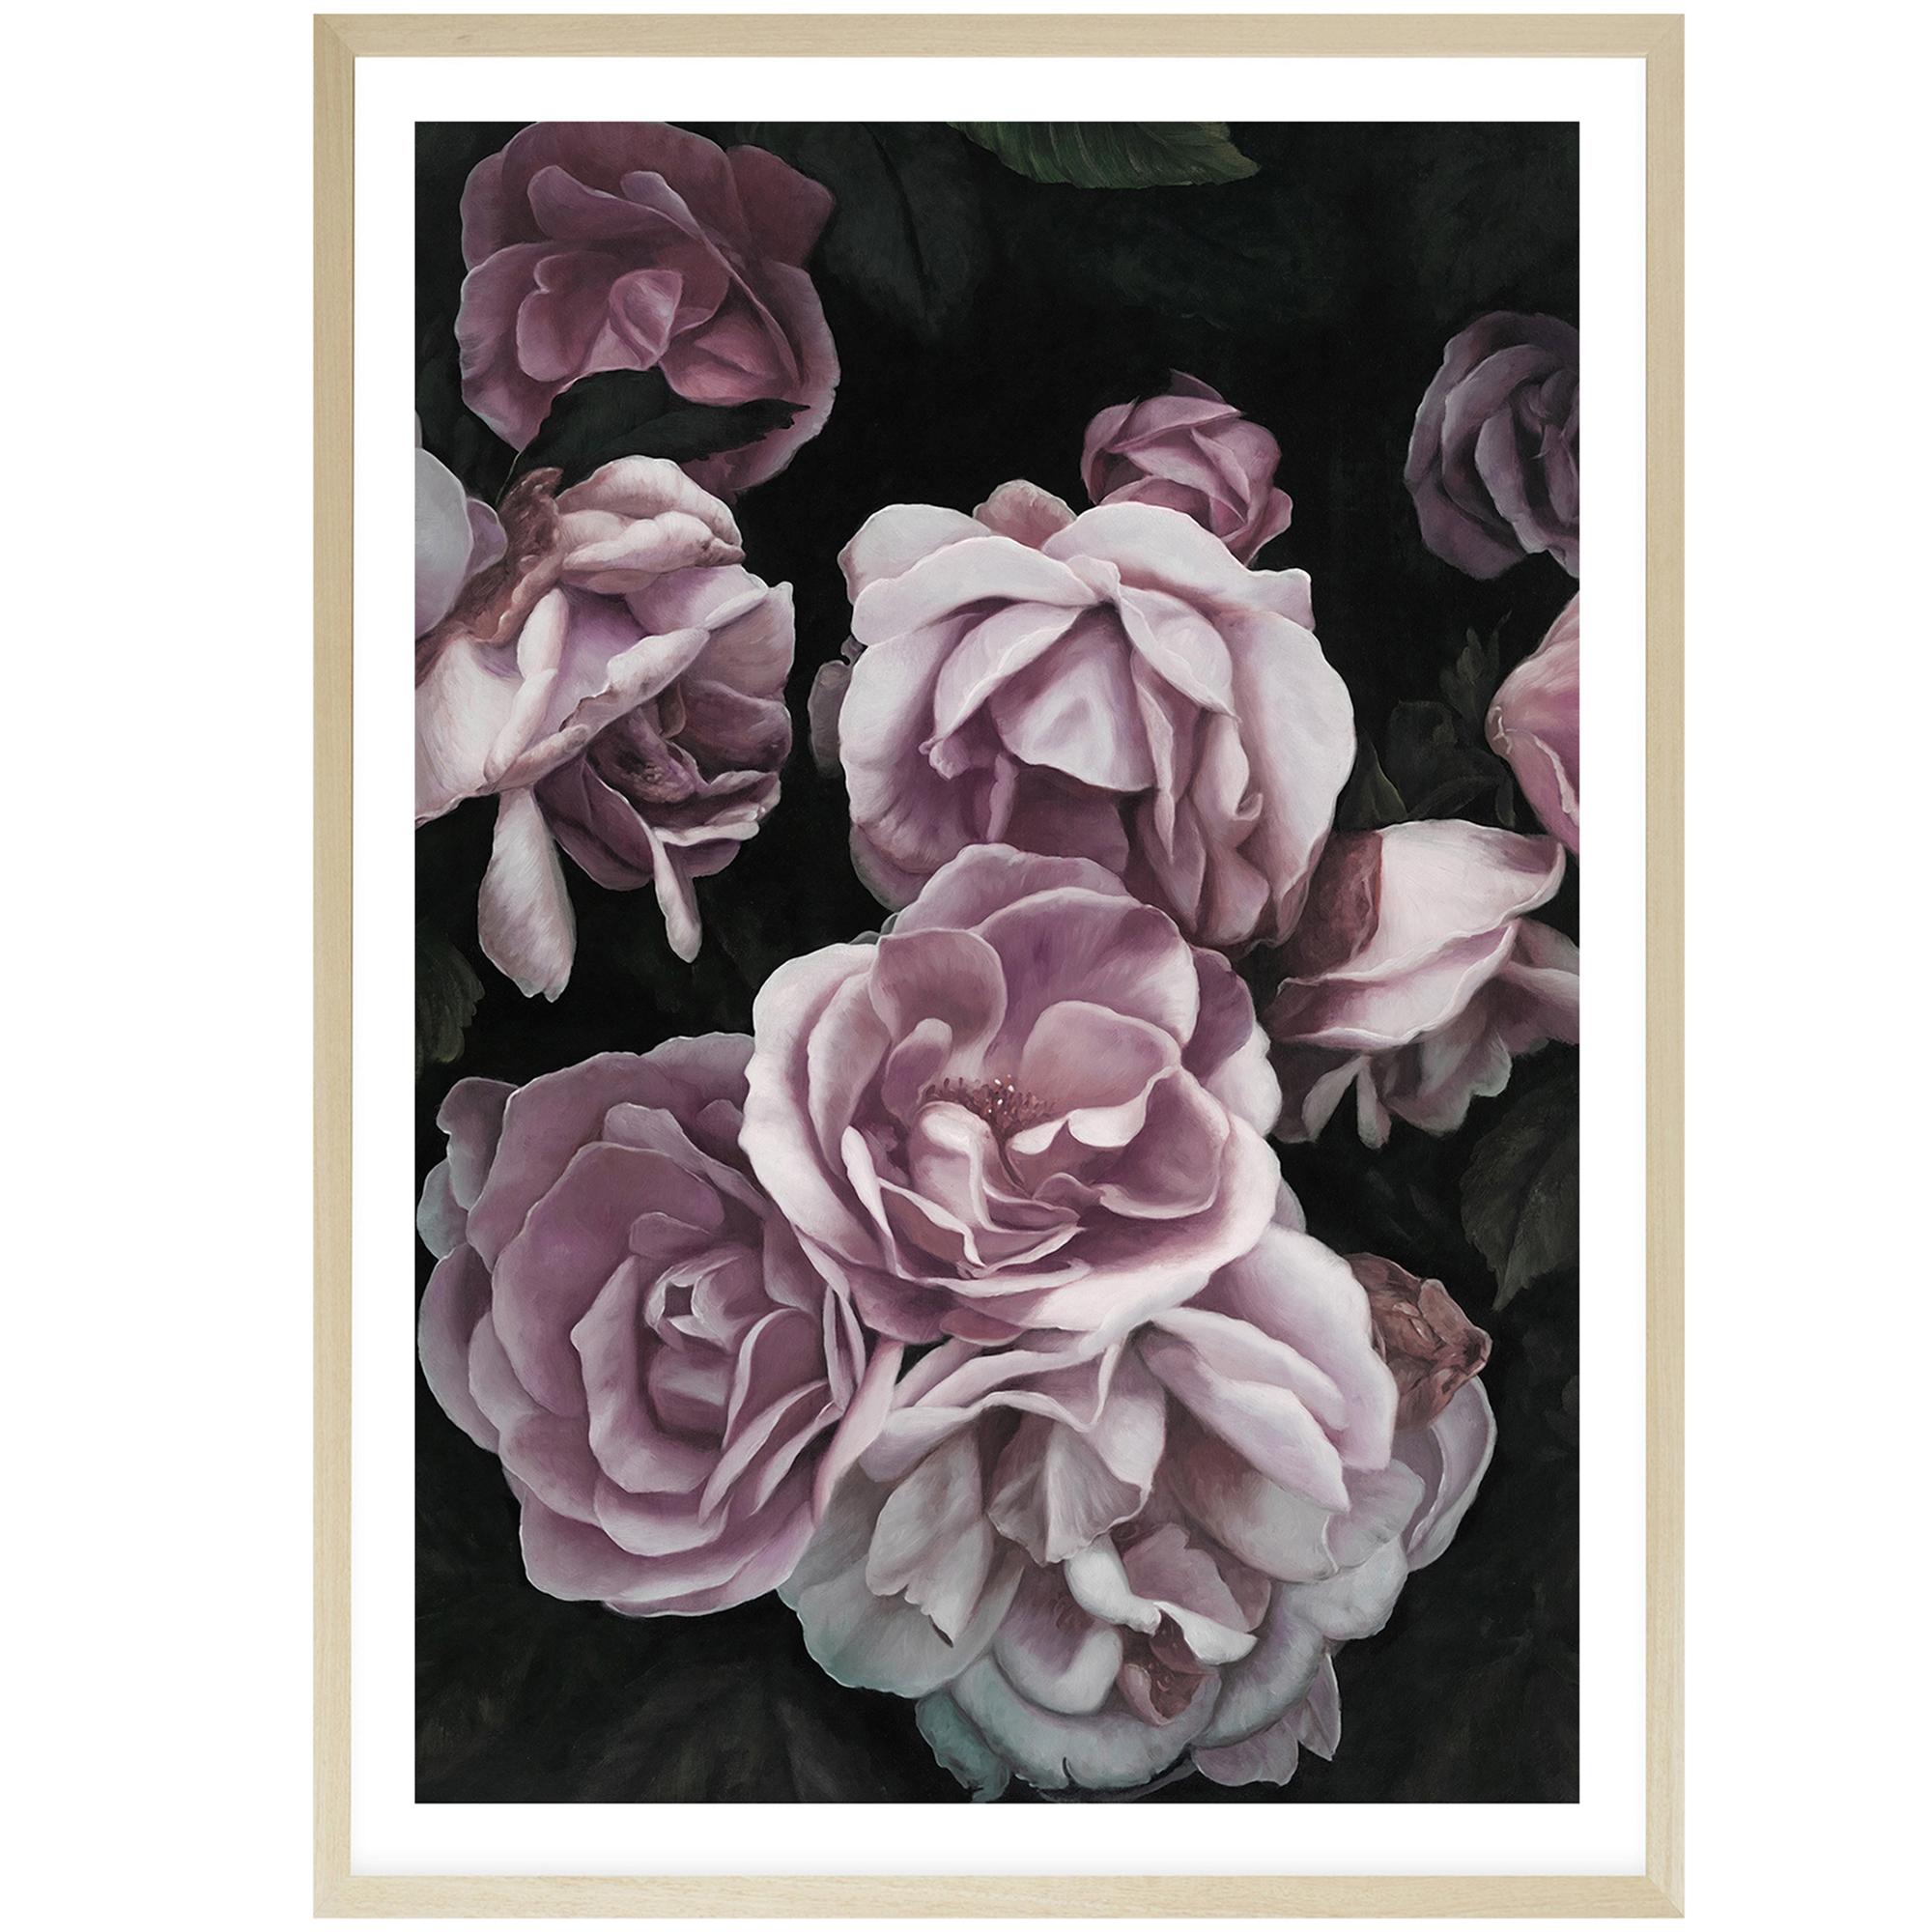 Tranh hoa hồng in canvas khổ nhỏ với khung màu sáng